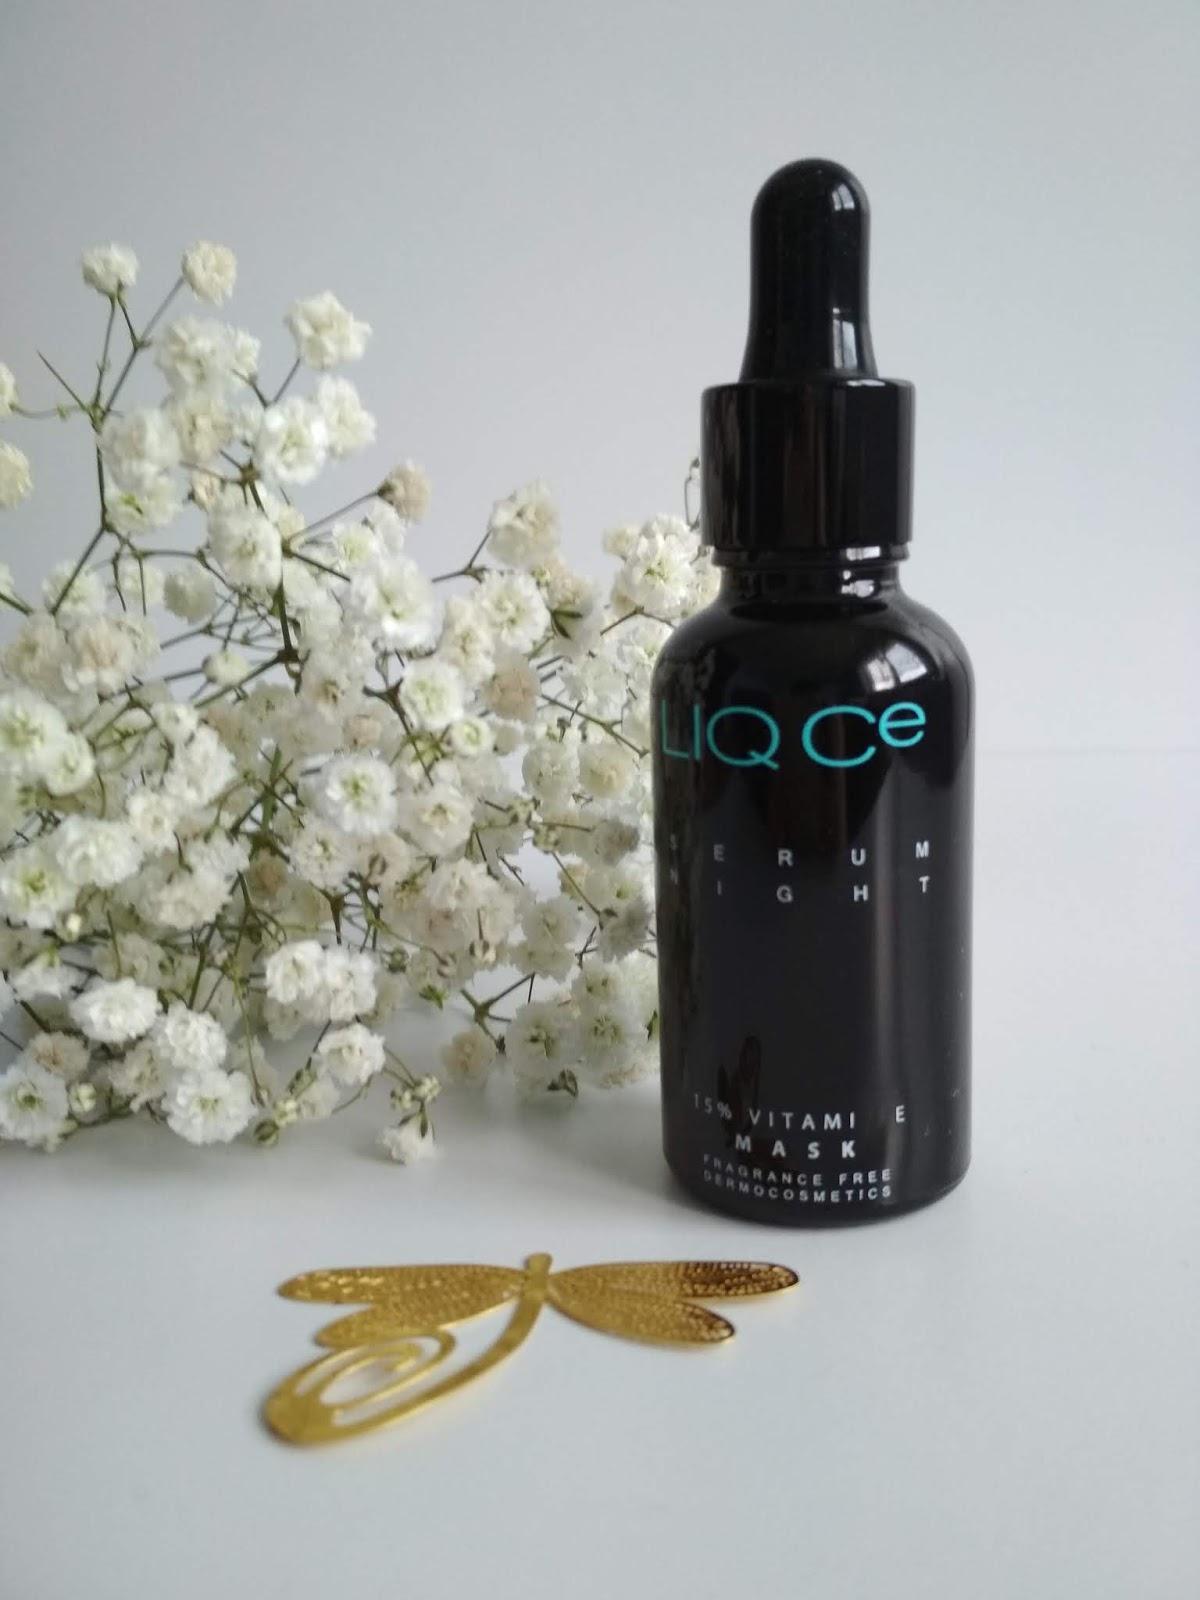 liq ce, liqpharm, serum, pielęgnacja, recenzja, kosmetyk,LIQ Ce Serum Night 15% Vitamin E MASK 30 ml Dwufazowe serum regenerująco-odżywcze na noc, liqpharm